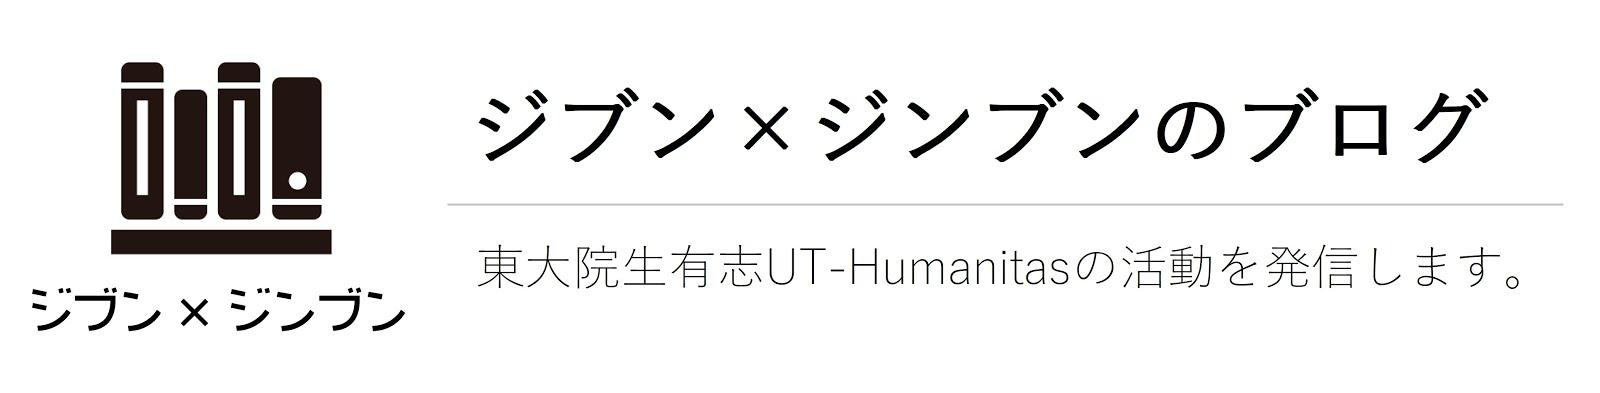 ジブン×ジンブンのブログ